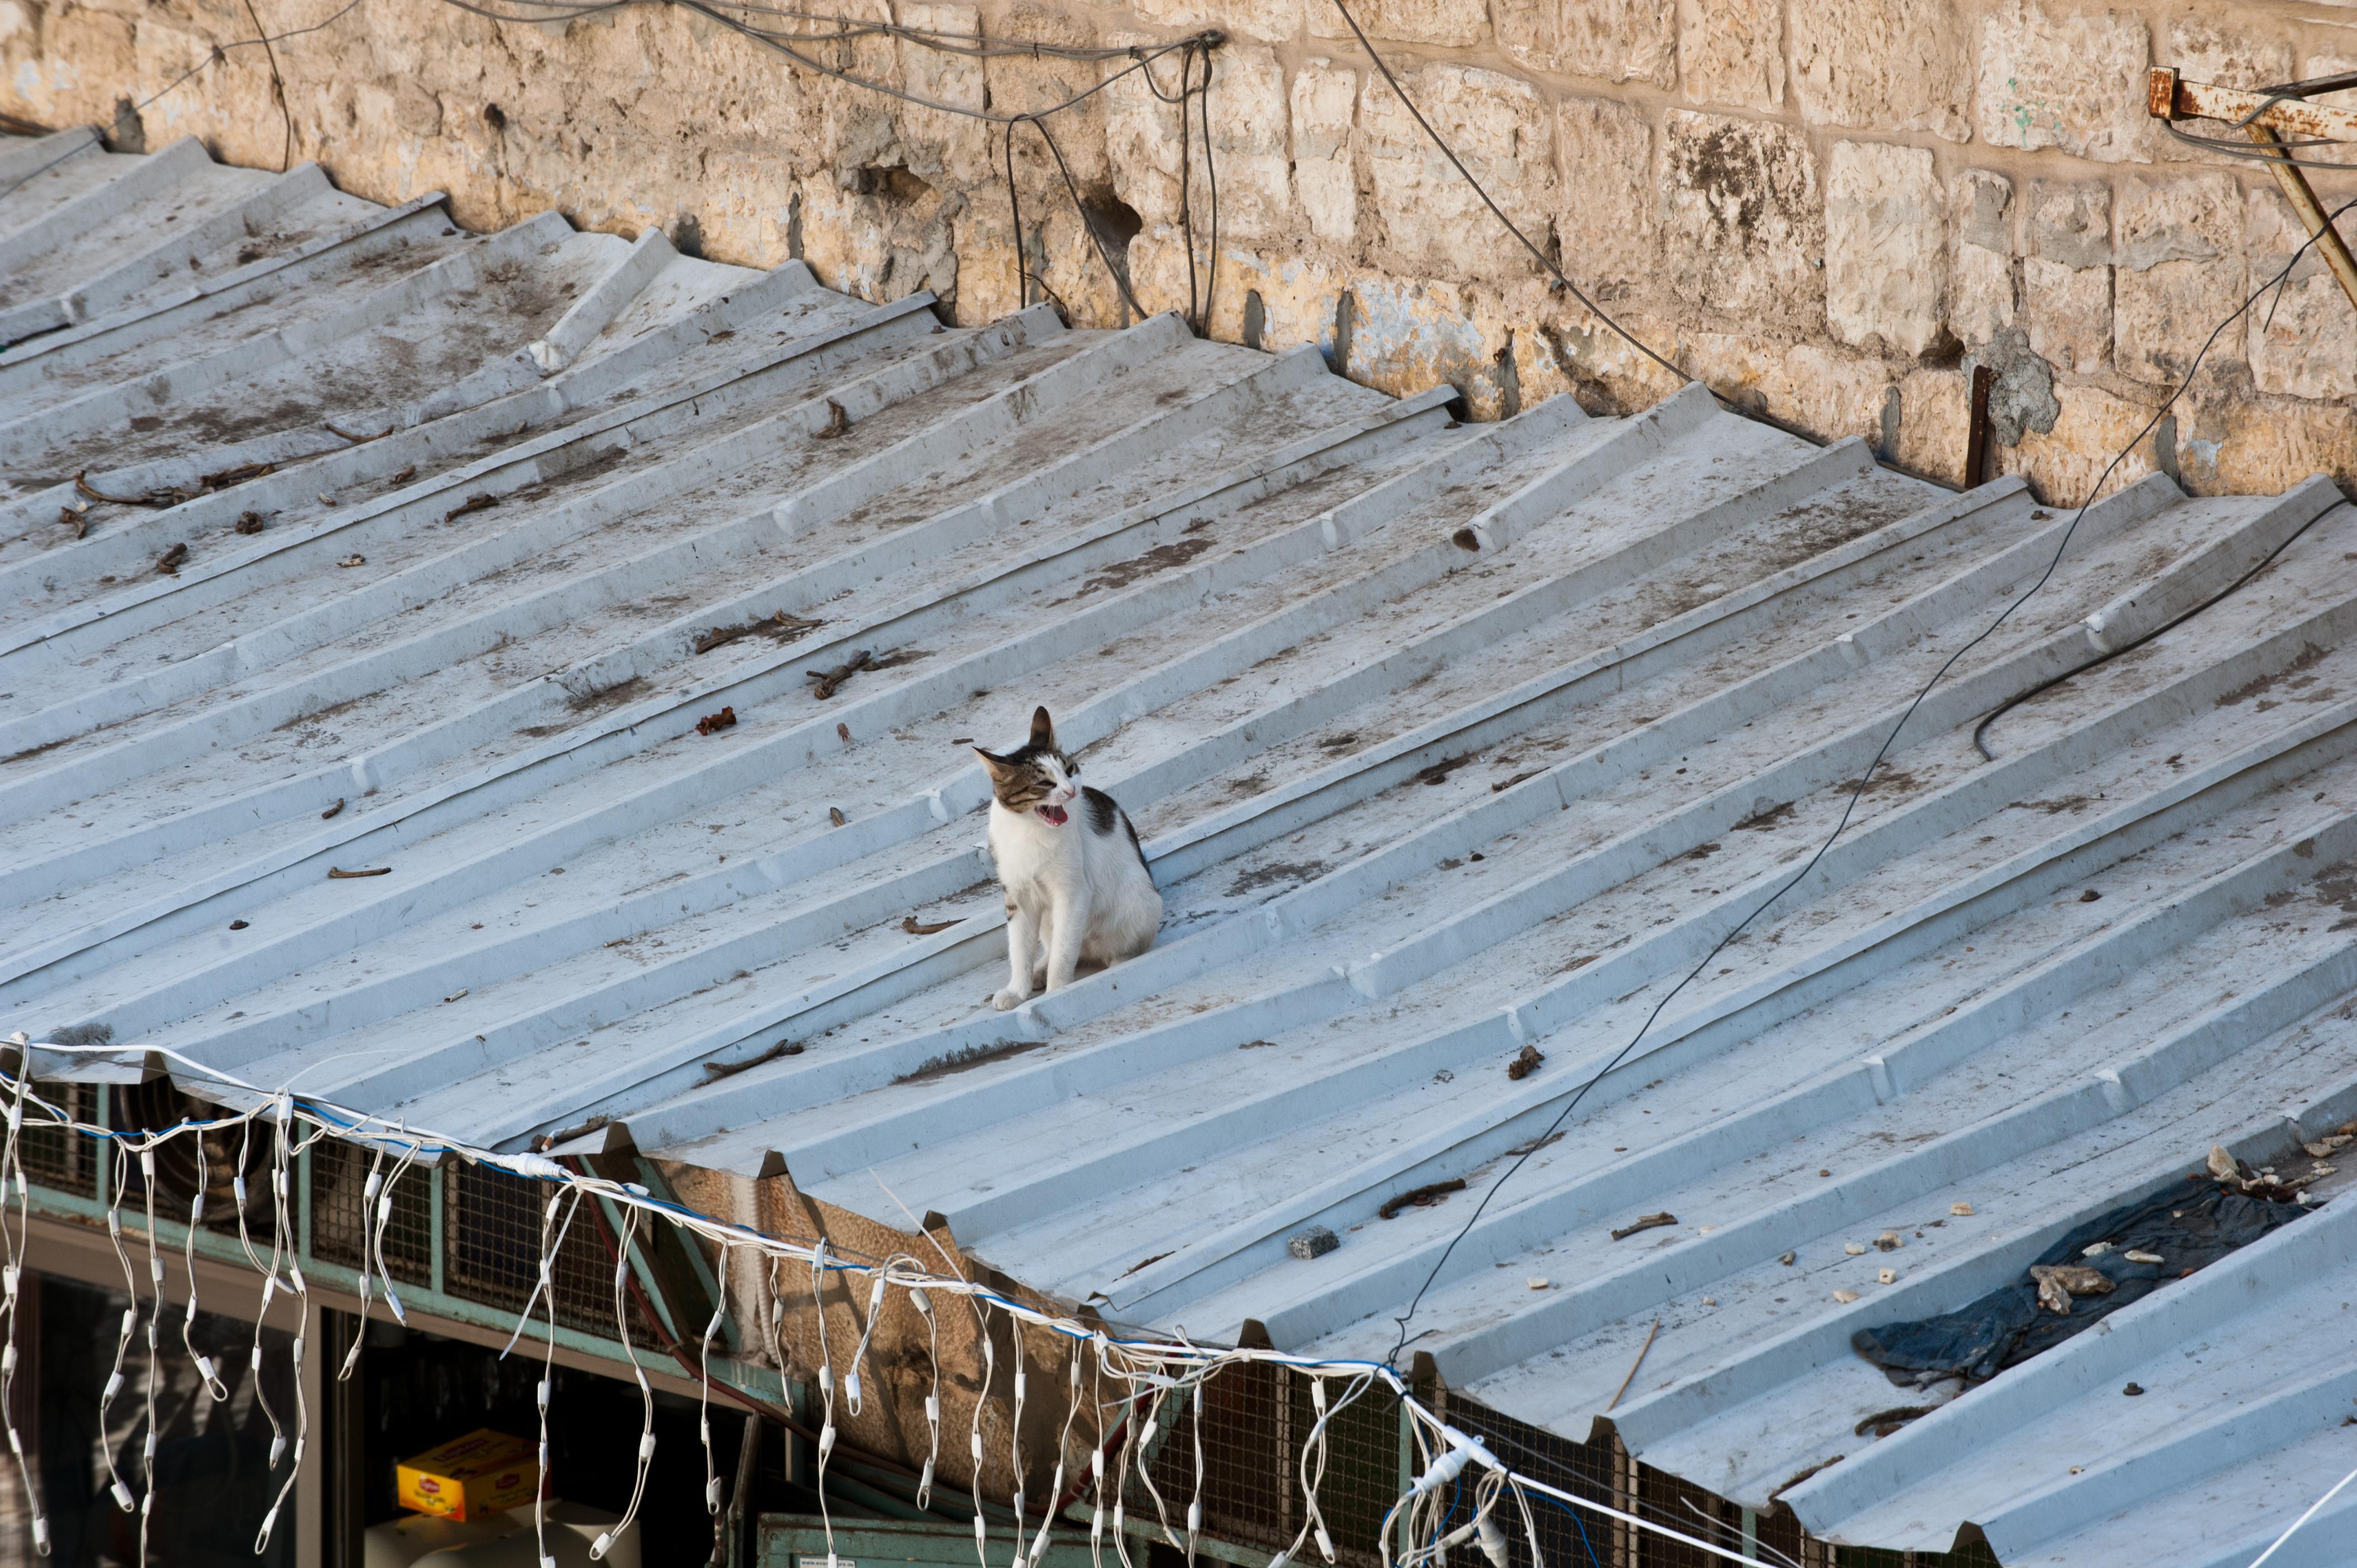 FileCat on a Hot Tin Roof, Jerusalem.jpg   Wikimedia Commons